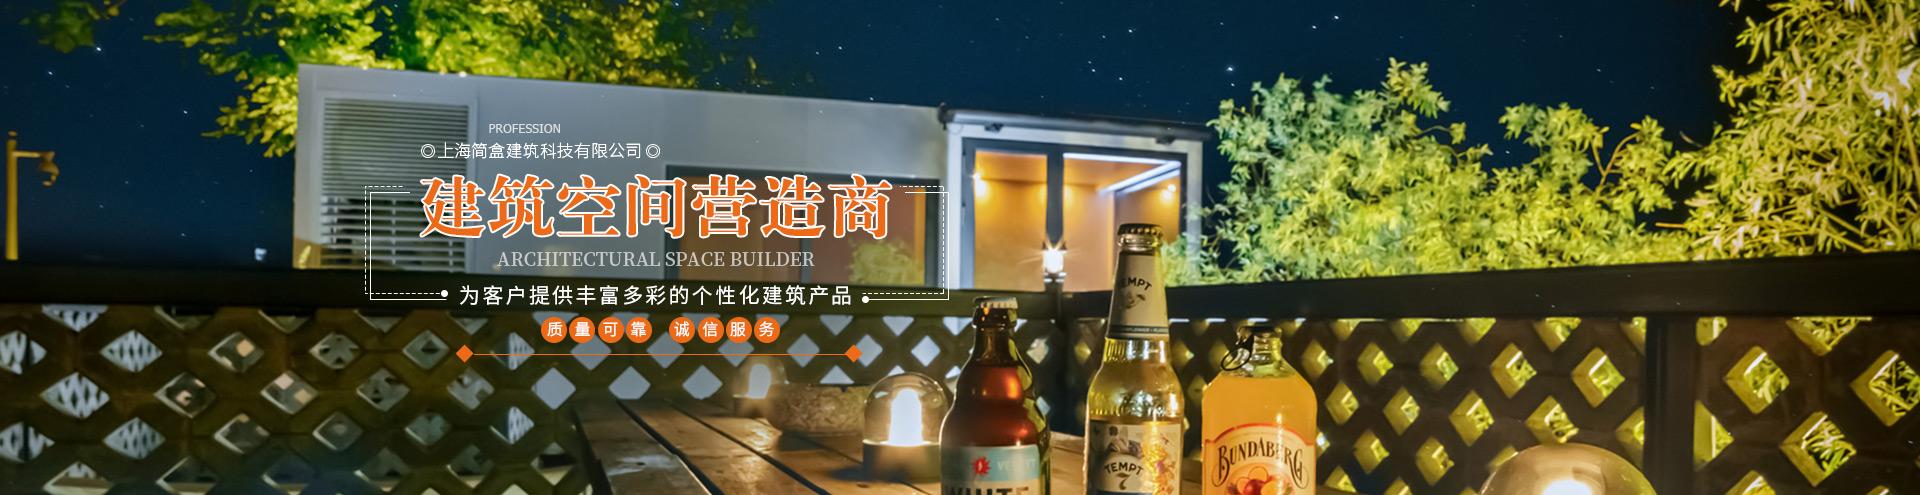 上海简盒建筑科技有限公司